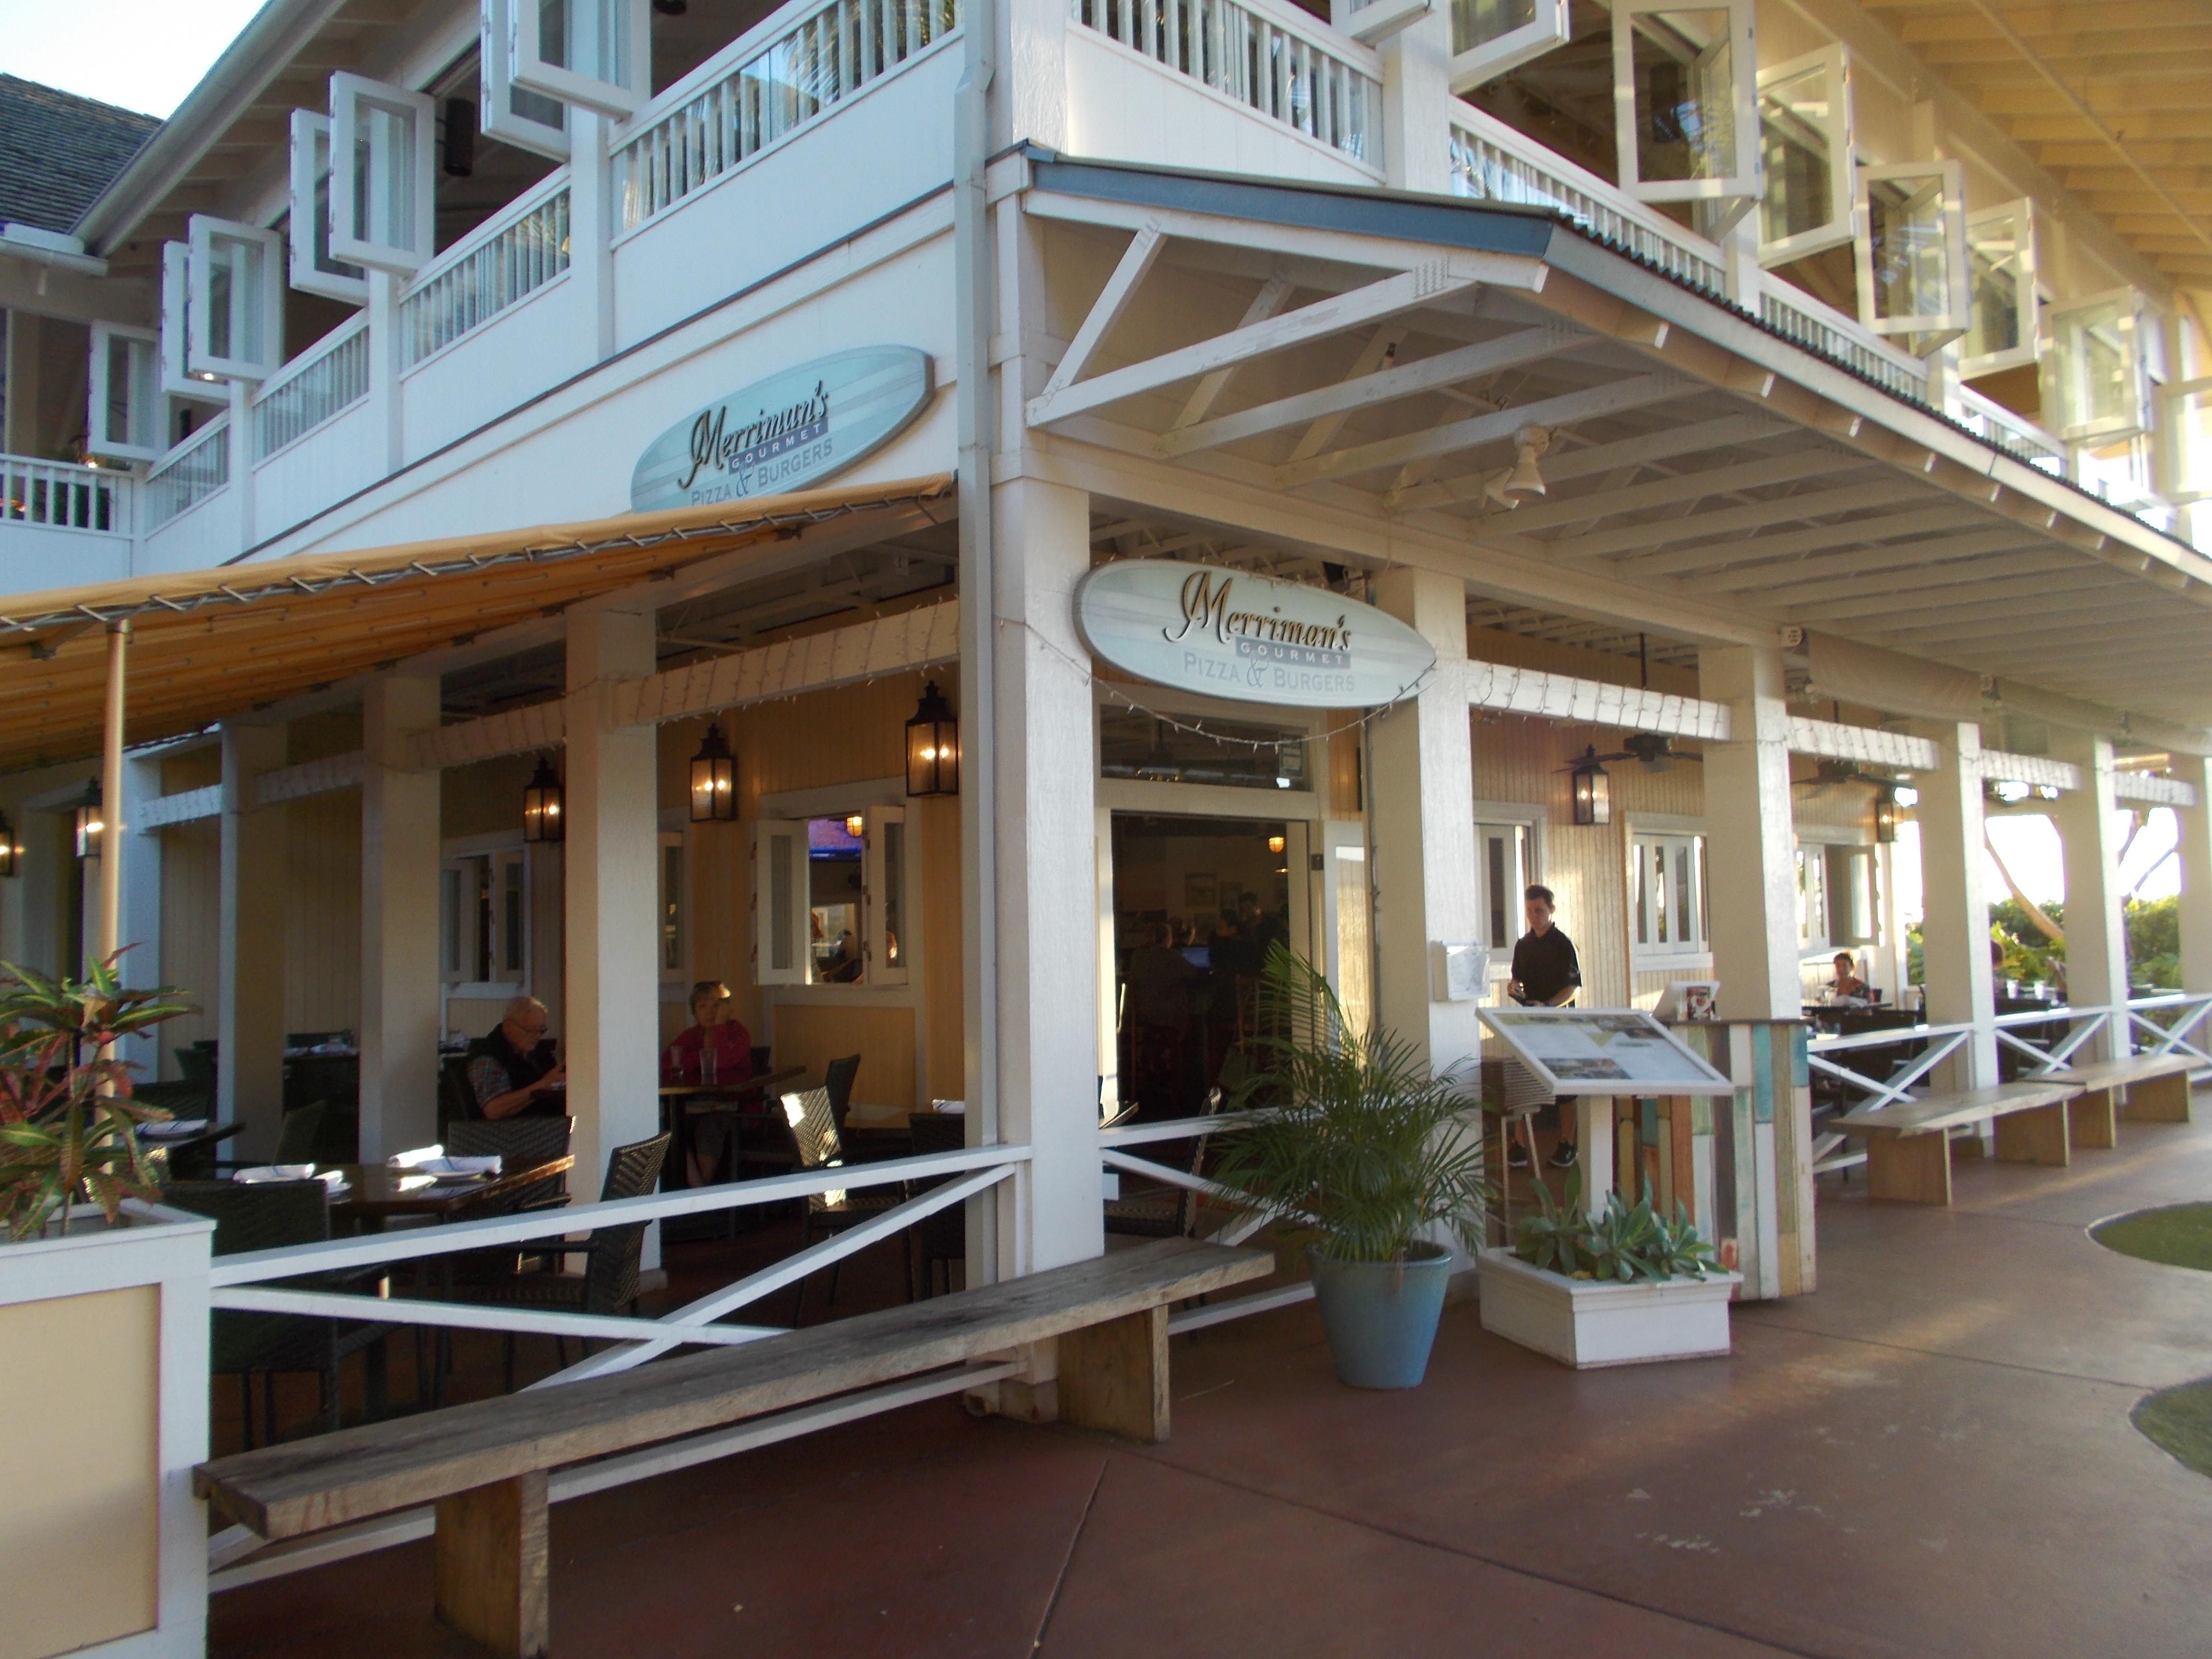 Merriman s gourmet pizza and burgers kauai milesgeek for Merriman s fish house